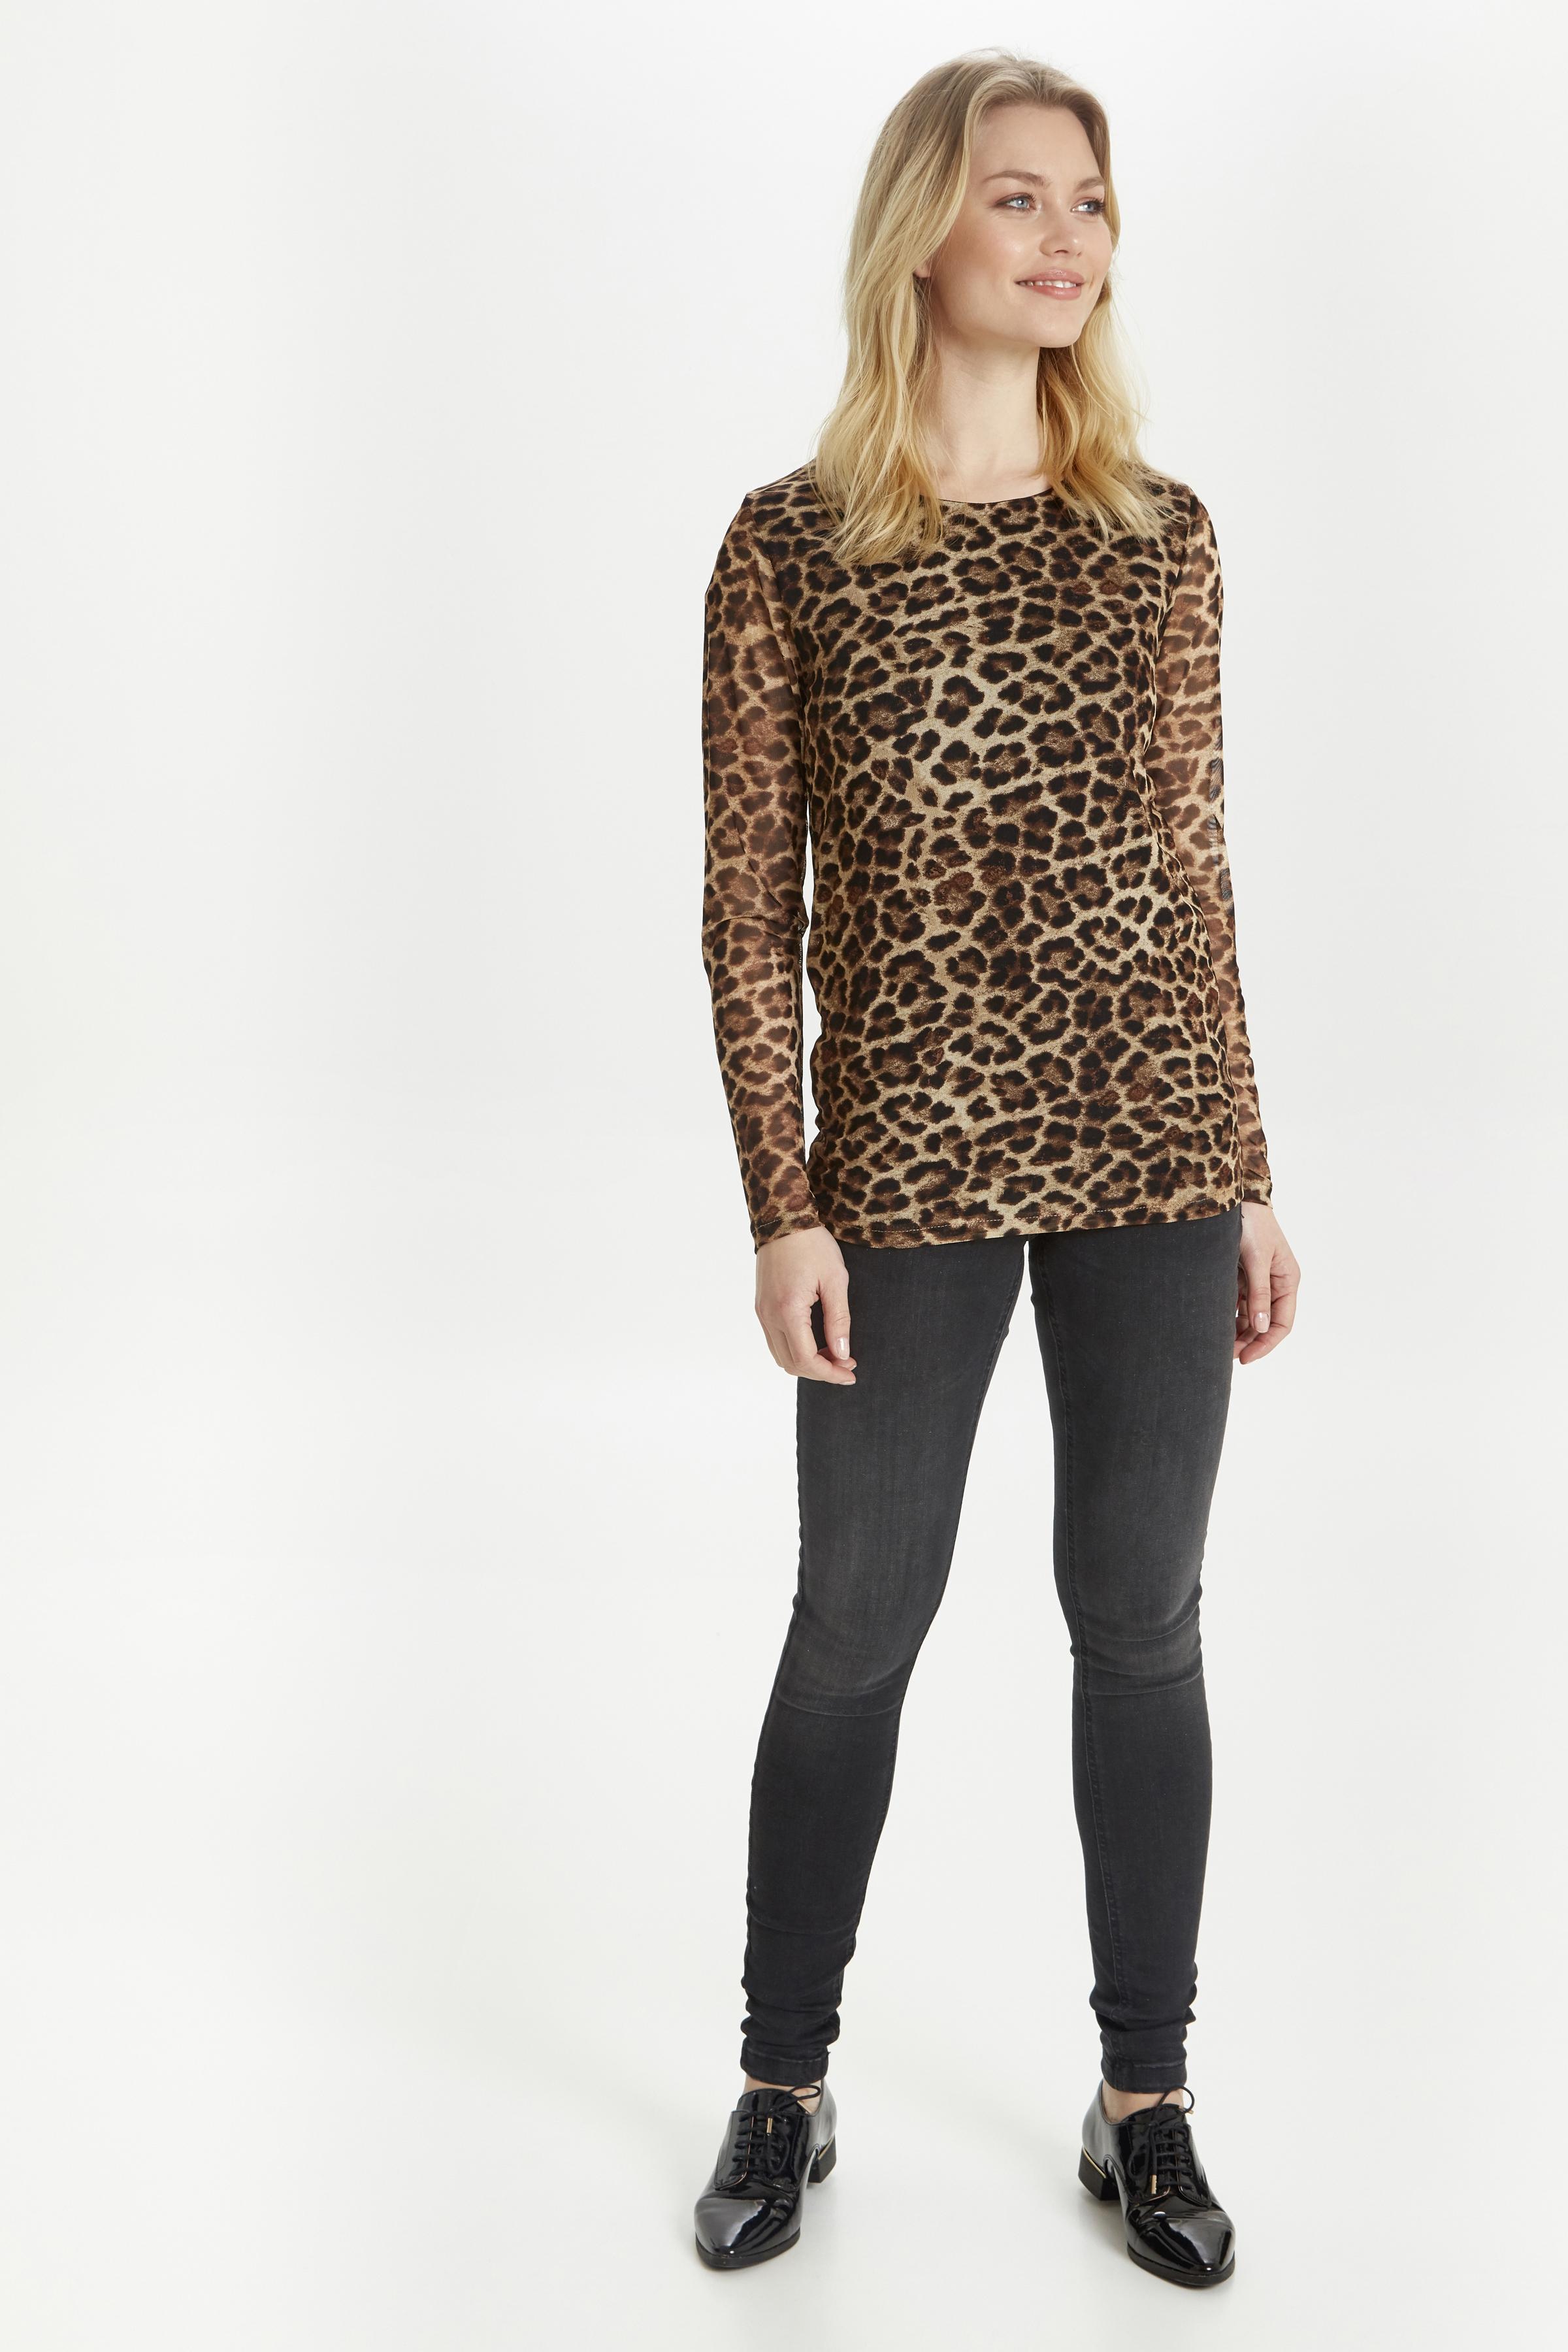 Leopard combi 2 Langarm-Bluse von b.young – Kaufen Sie Leopard combi 2 Langarm-Bluse aus Größe S-XXL hier